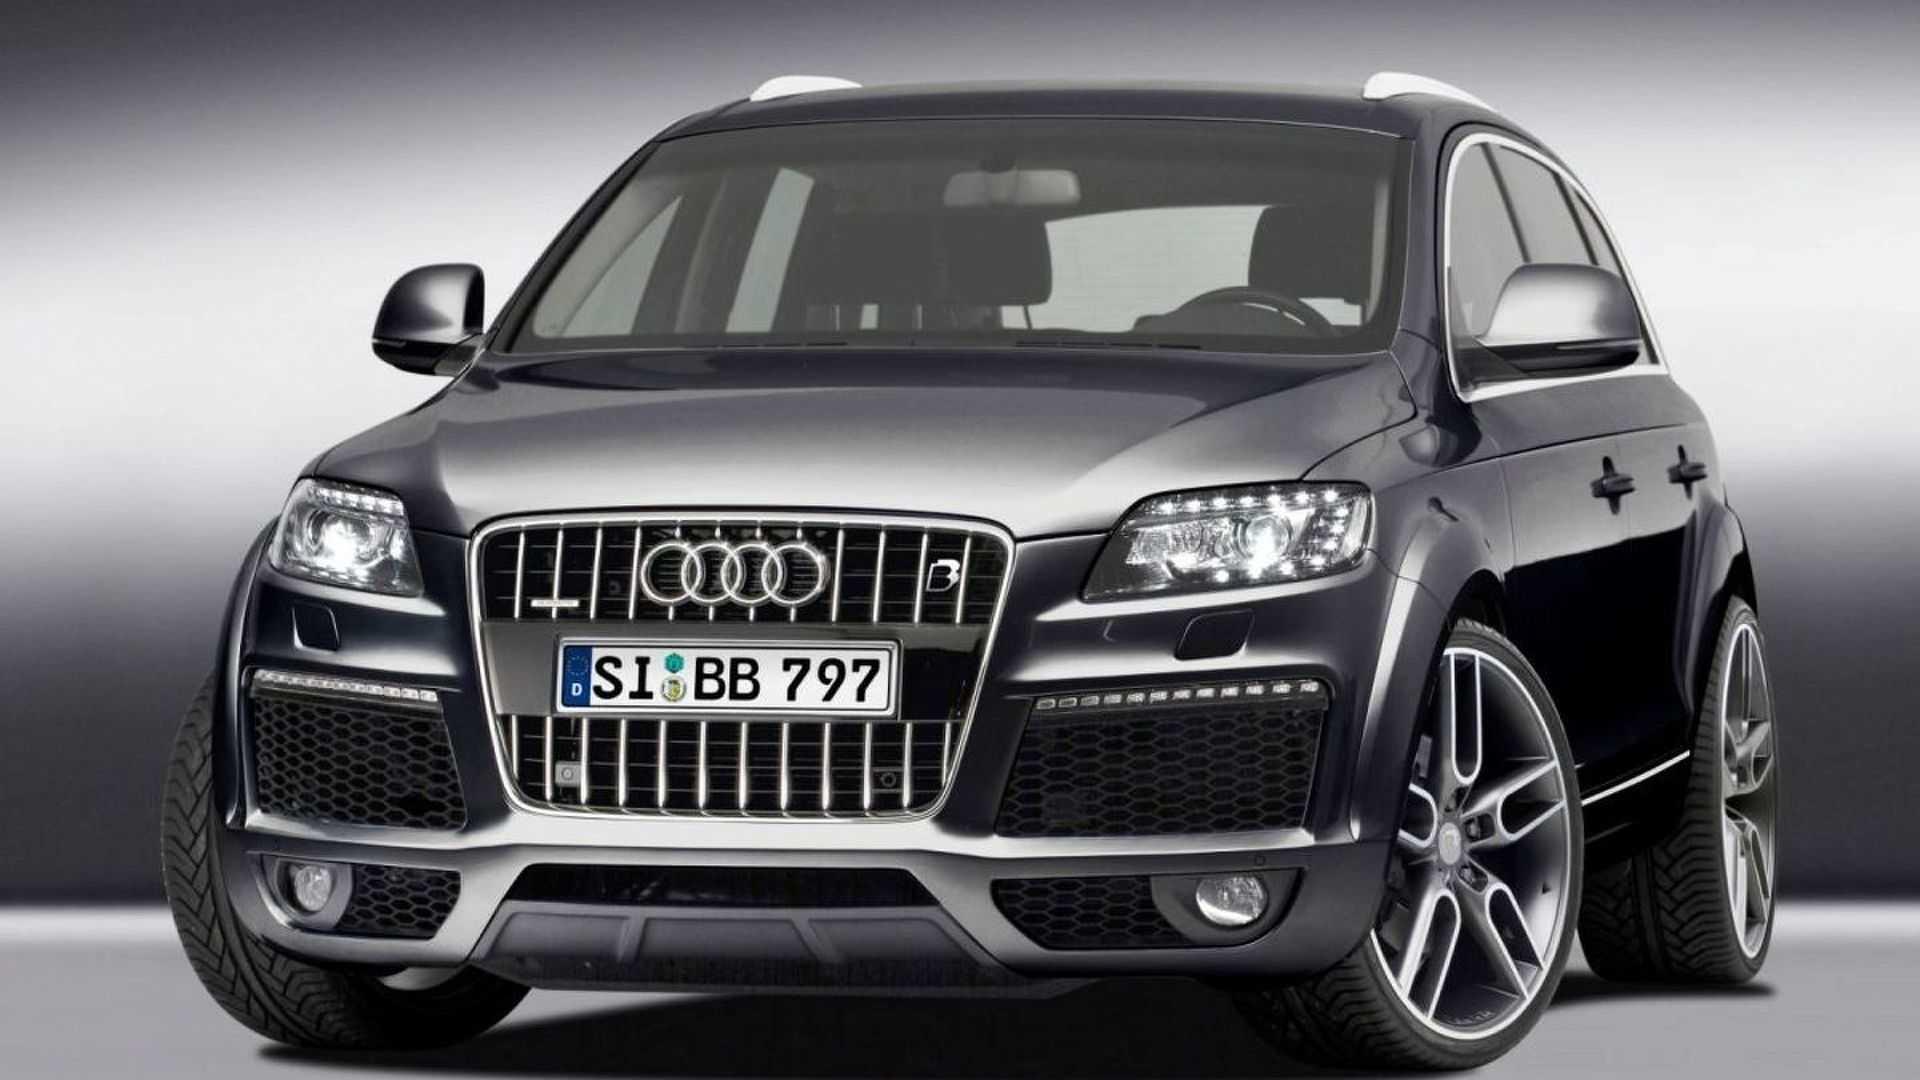 Kelebihan Kekurangan Audi V12 Perbandingan Harga